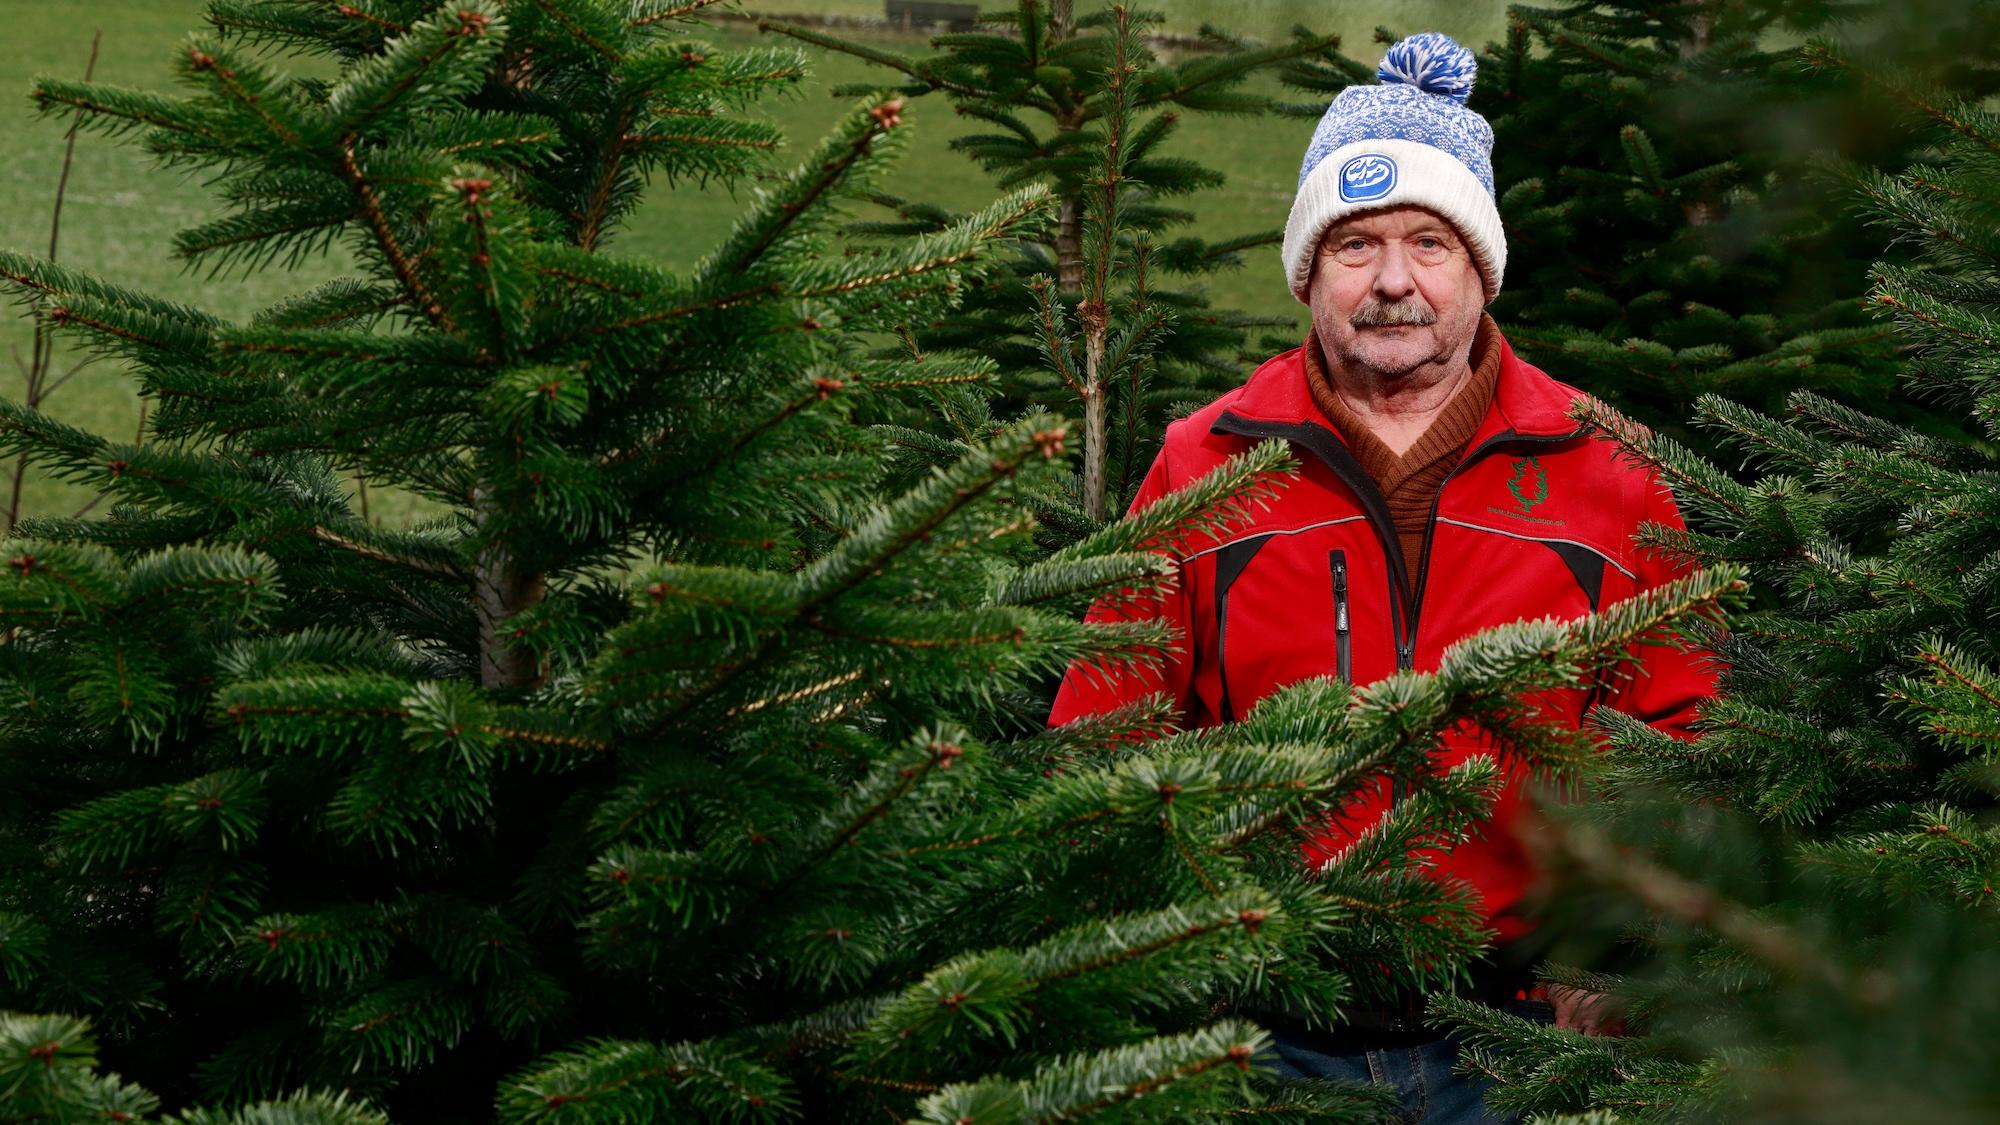 Coop will seine Tannen nicht mehr, weil sie zu wenig schön seien: Bauer Wälchli bleibt auf 400 Christbäumen sitzen